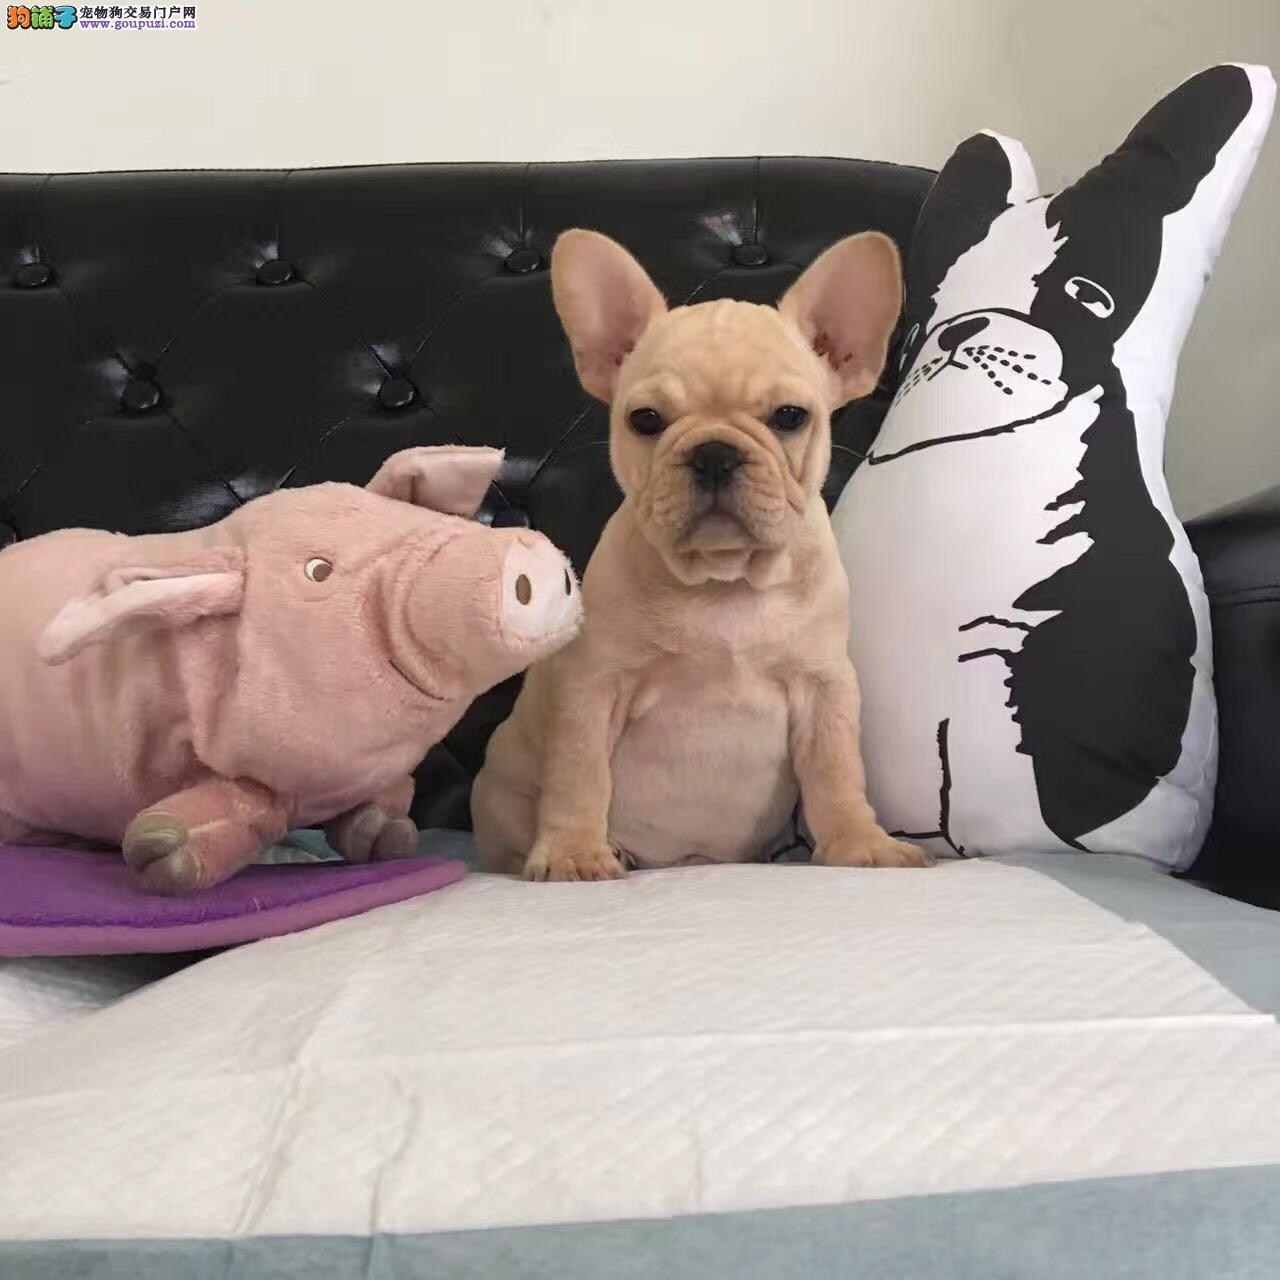 法国斗牛犬丿全场优惠丿三个月包退换丿 签协议包养活